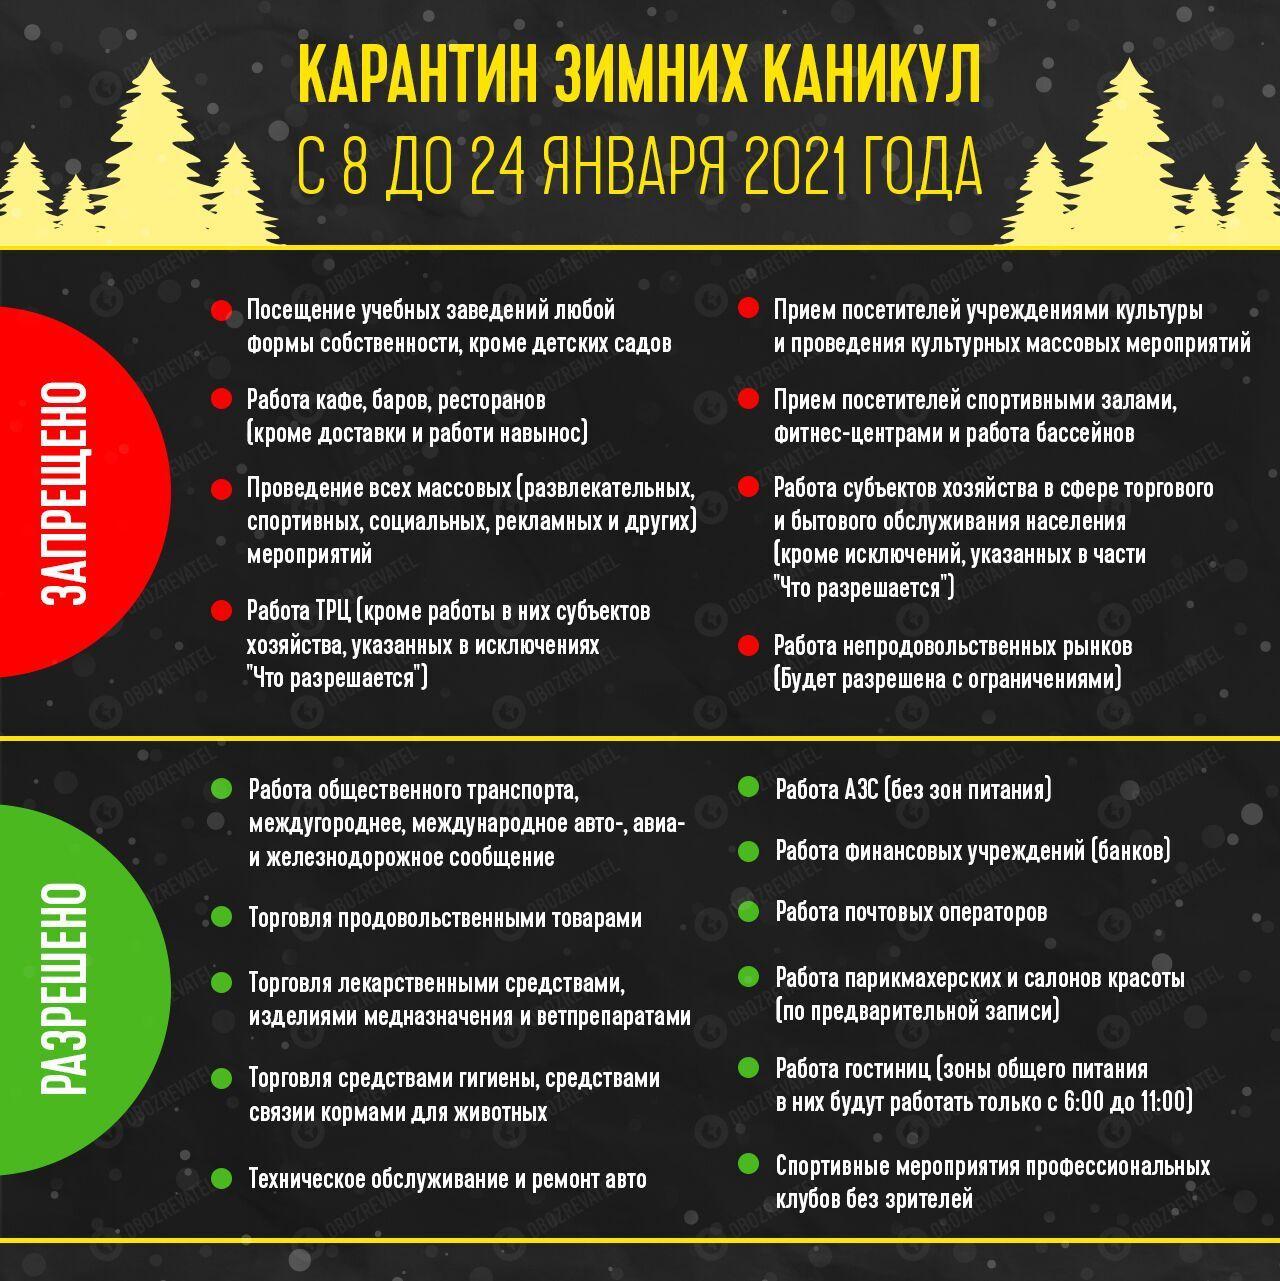 Жесткий карантин в Украине